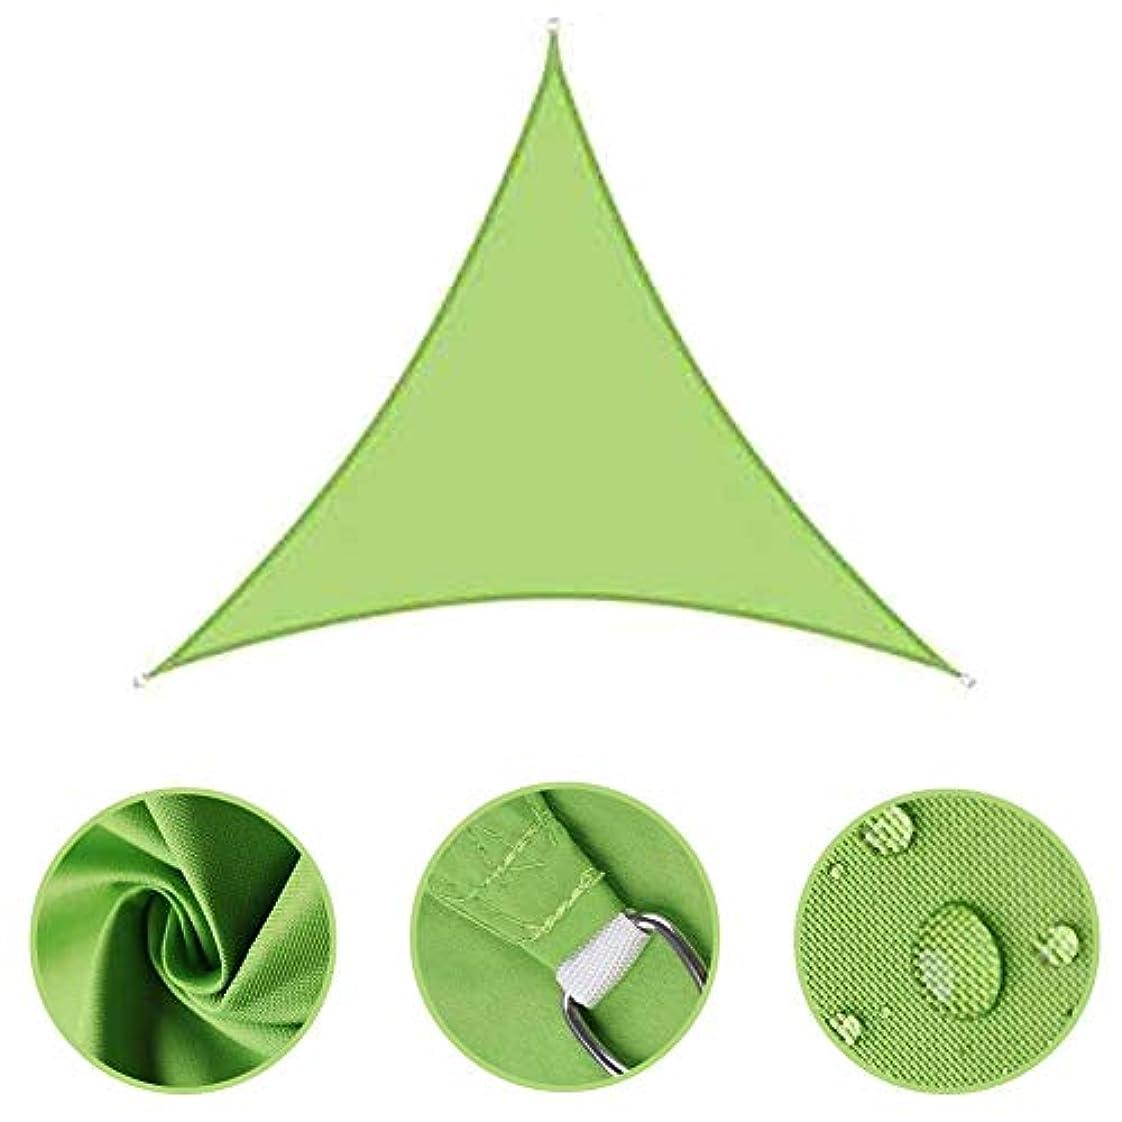 飛躍時間一致するPENGFEI シェード セイル、95%UVブロック 耐水性 三角形 日焼け止め 日よけの天蓋 パティオシェーディング、プール、芝生用 (Color : Green, Size : 5x5x5m)